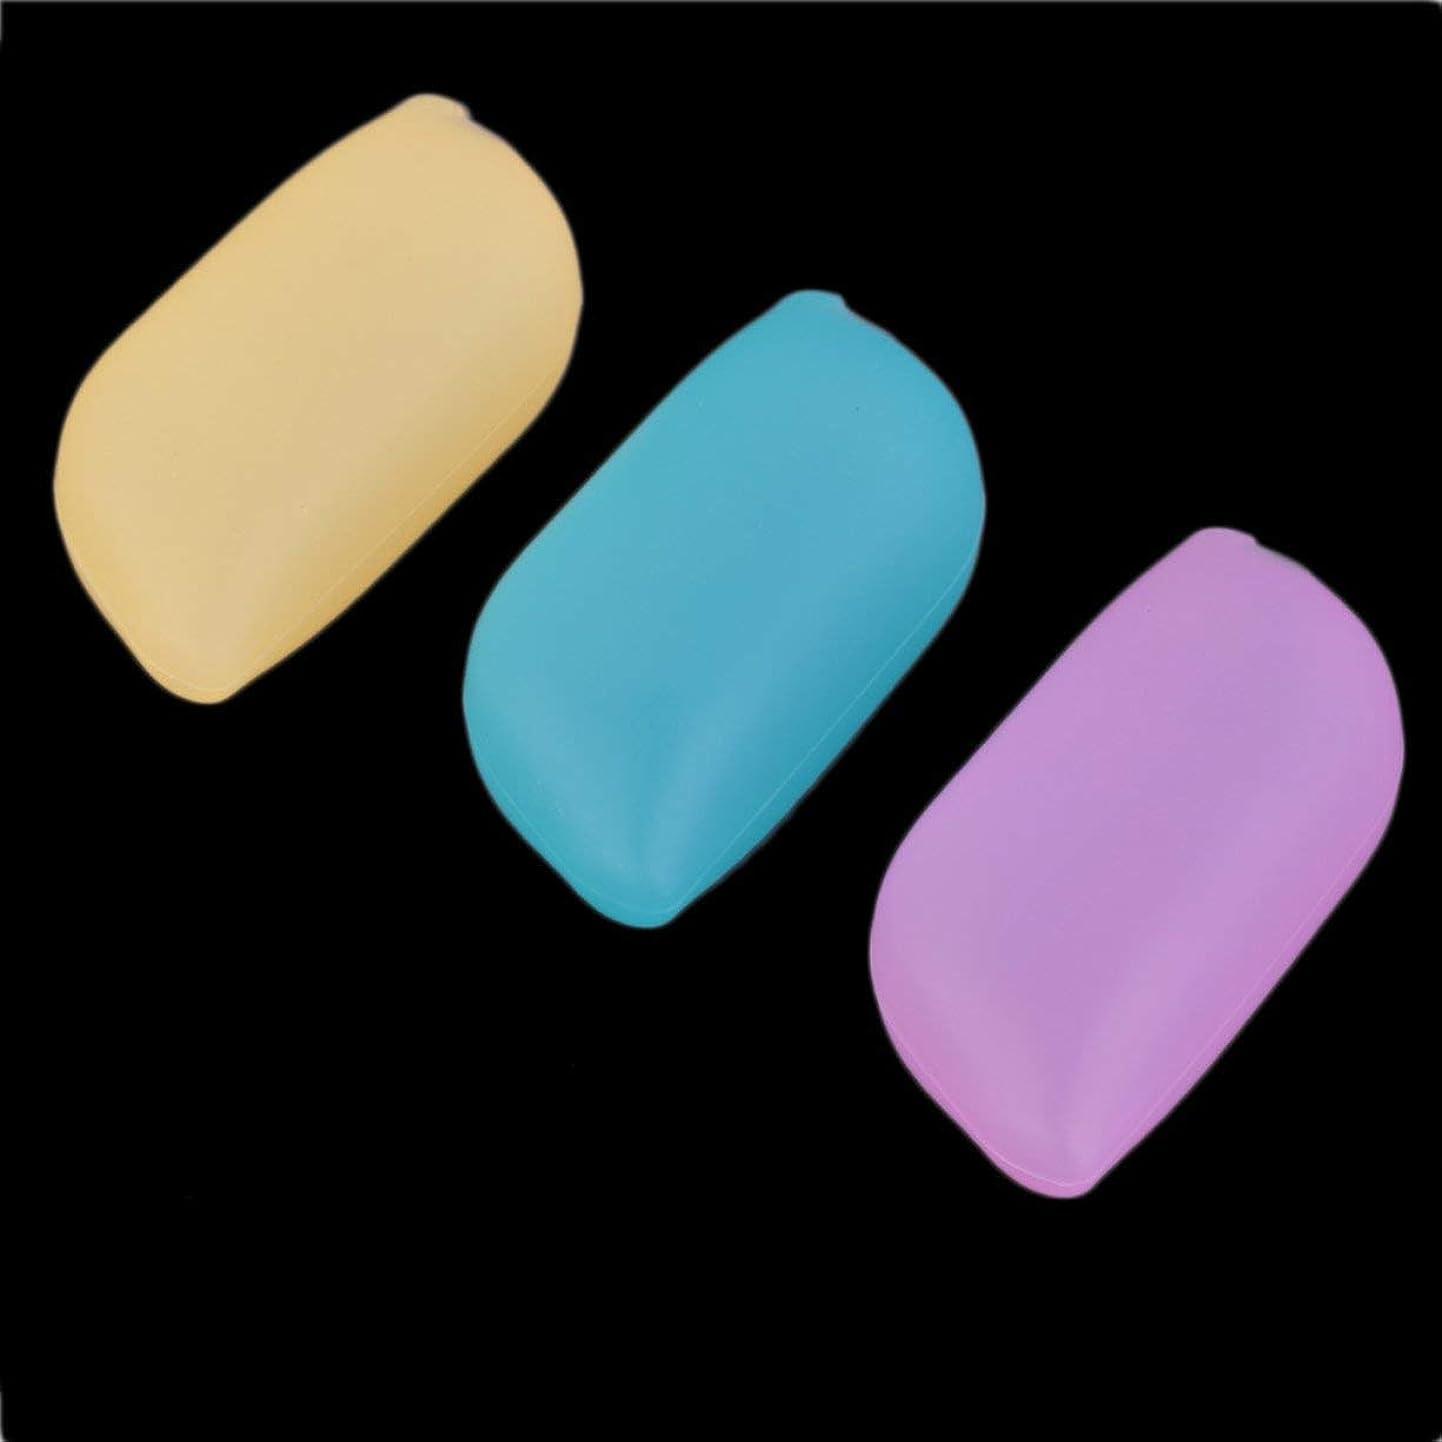 機械領収書先住民ポータブル軽量3ピースシリコンソフトトラベルキャンプ開催歯ブラシヘッドケースカバー保護キャップきれいに保つ - 多色